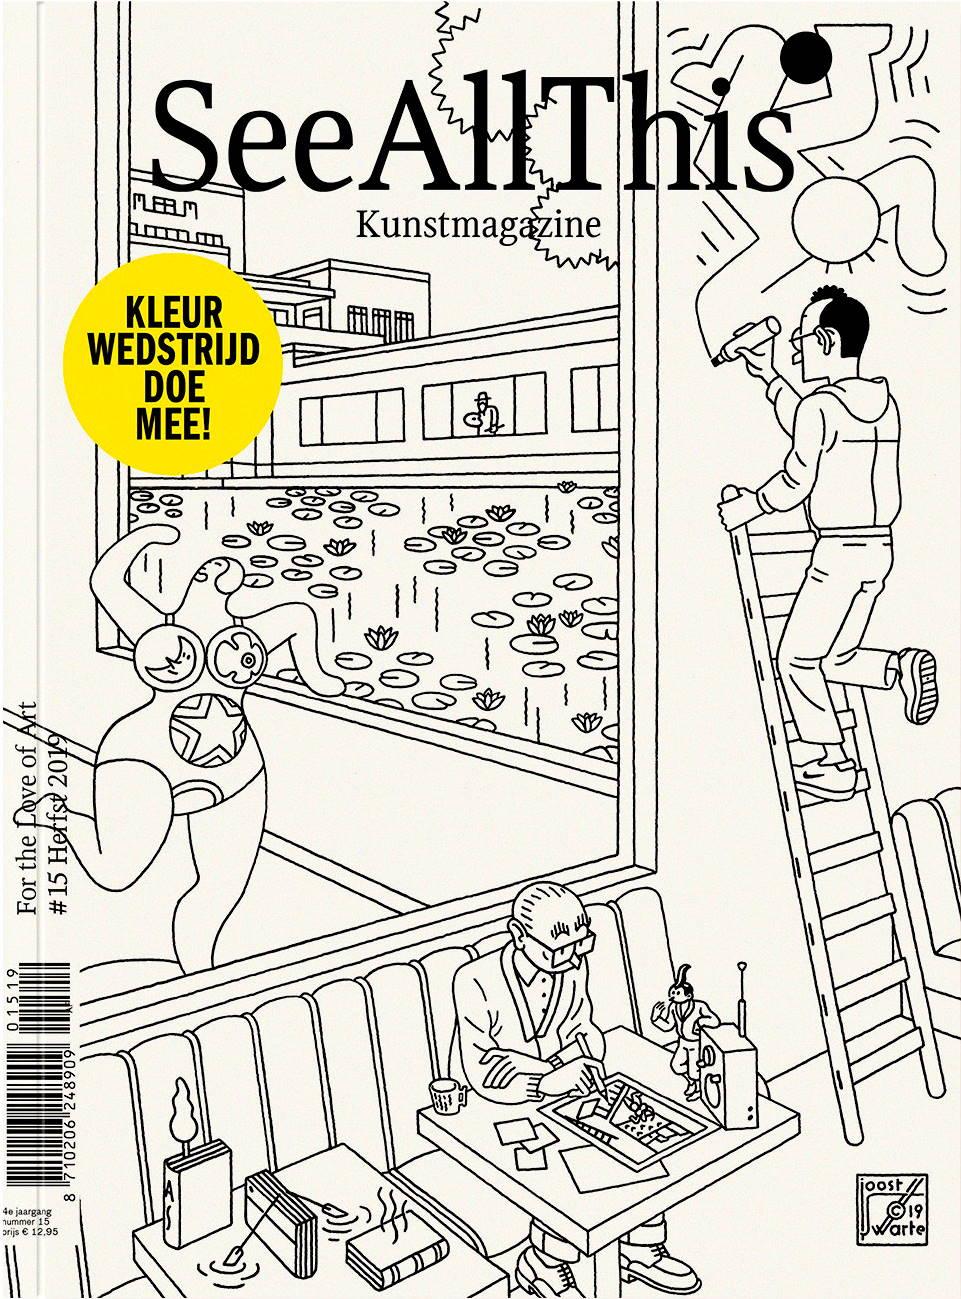 Pin Op Joost Swarte Dutch Comic Artist